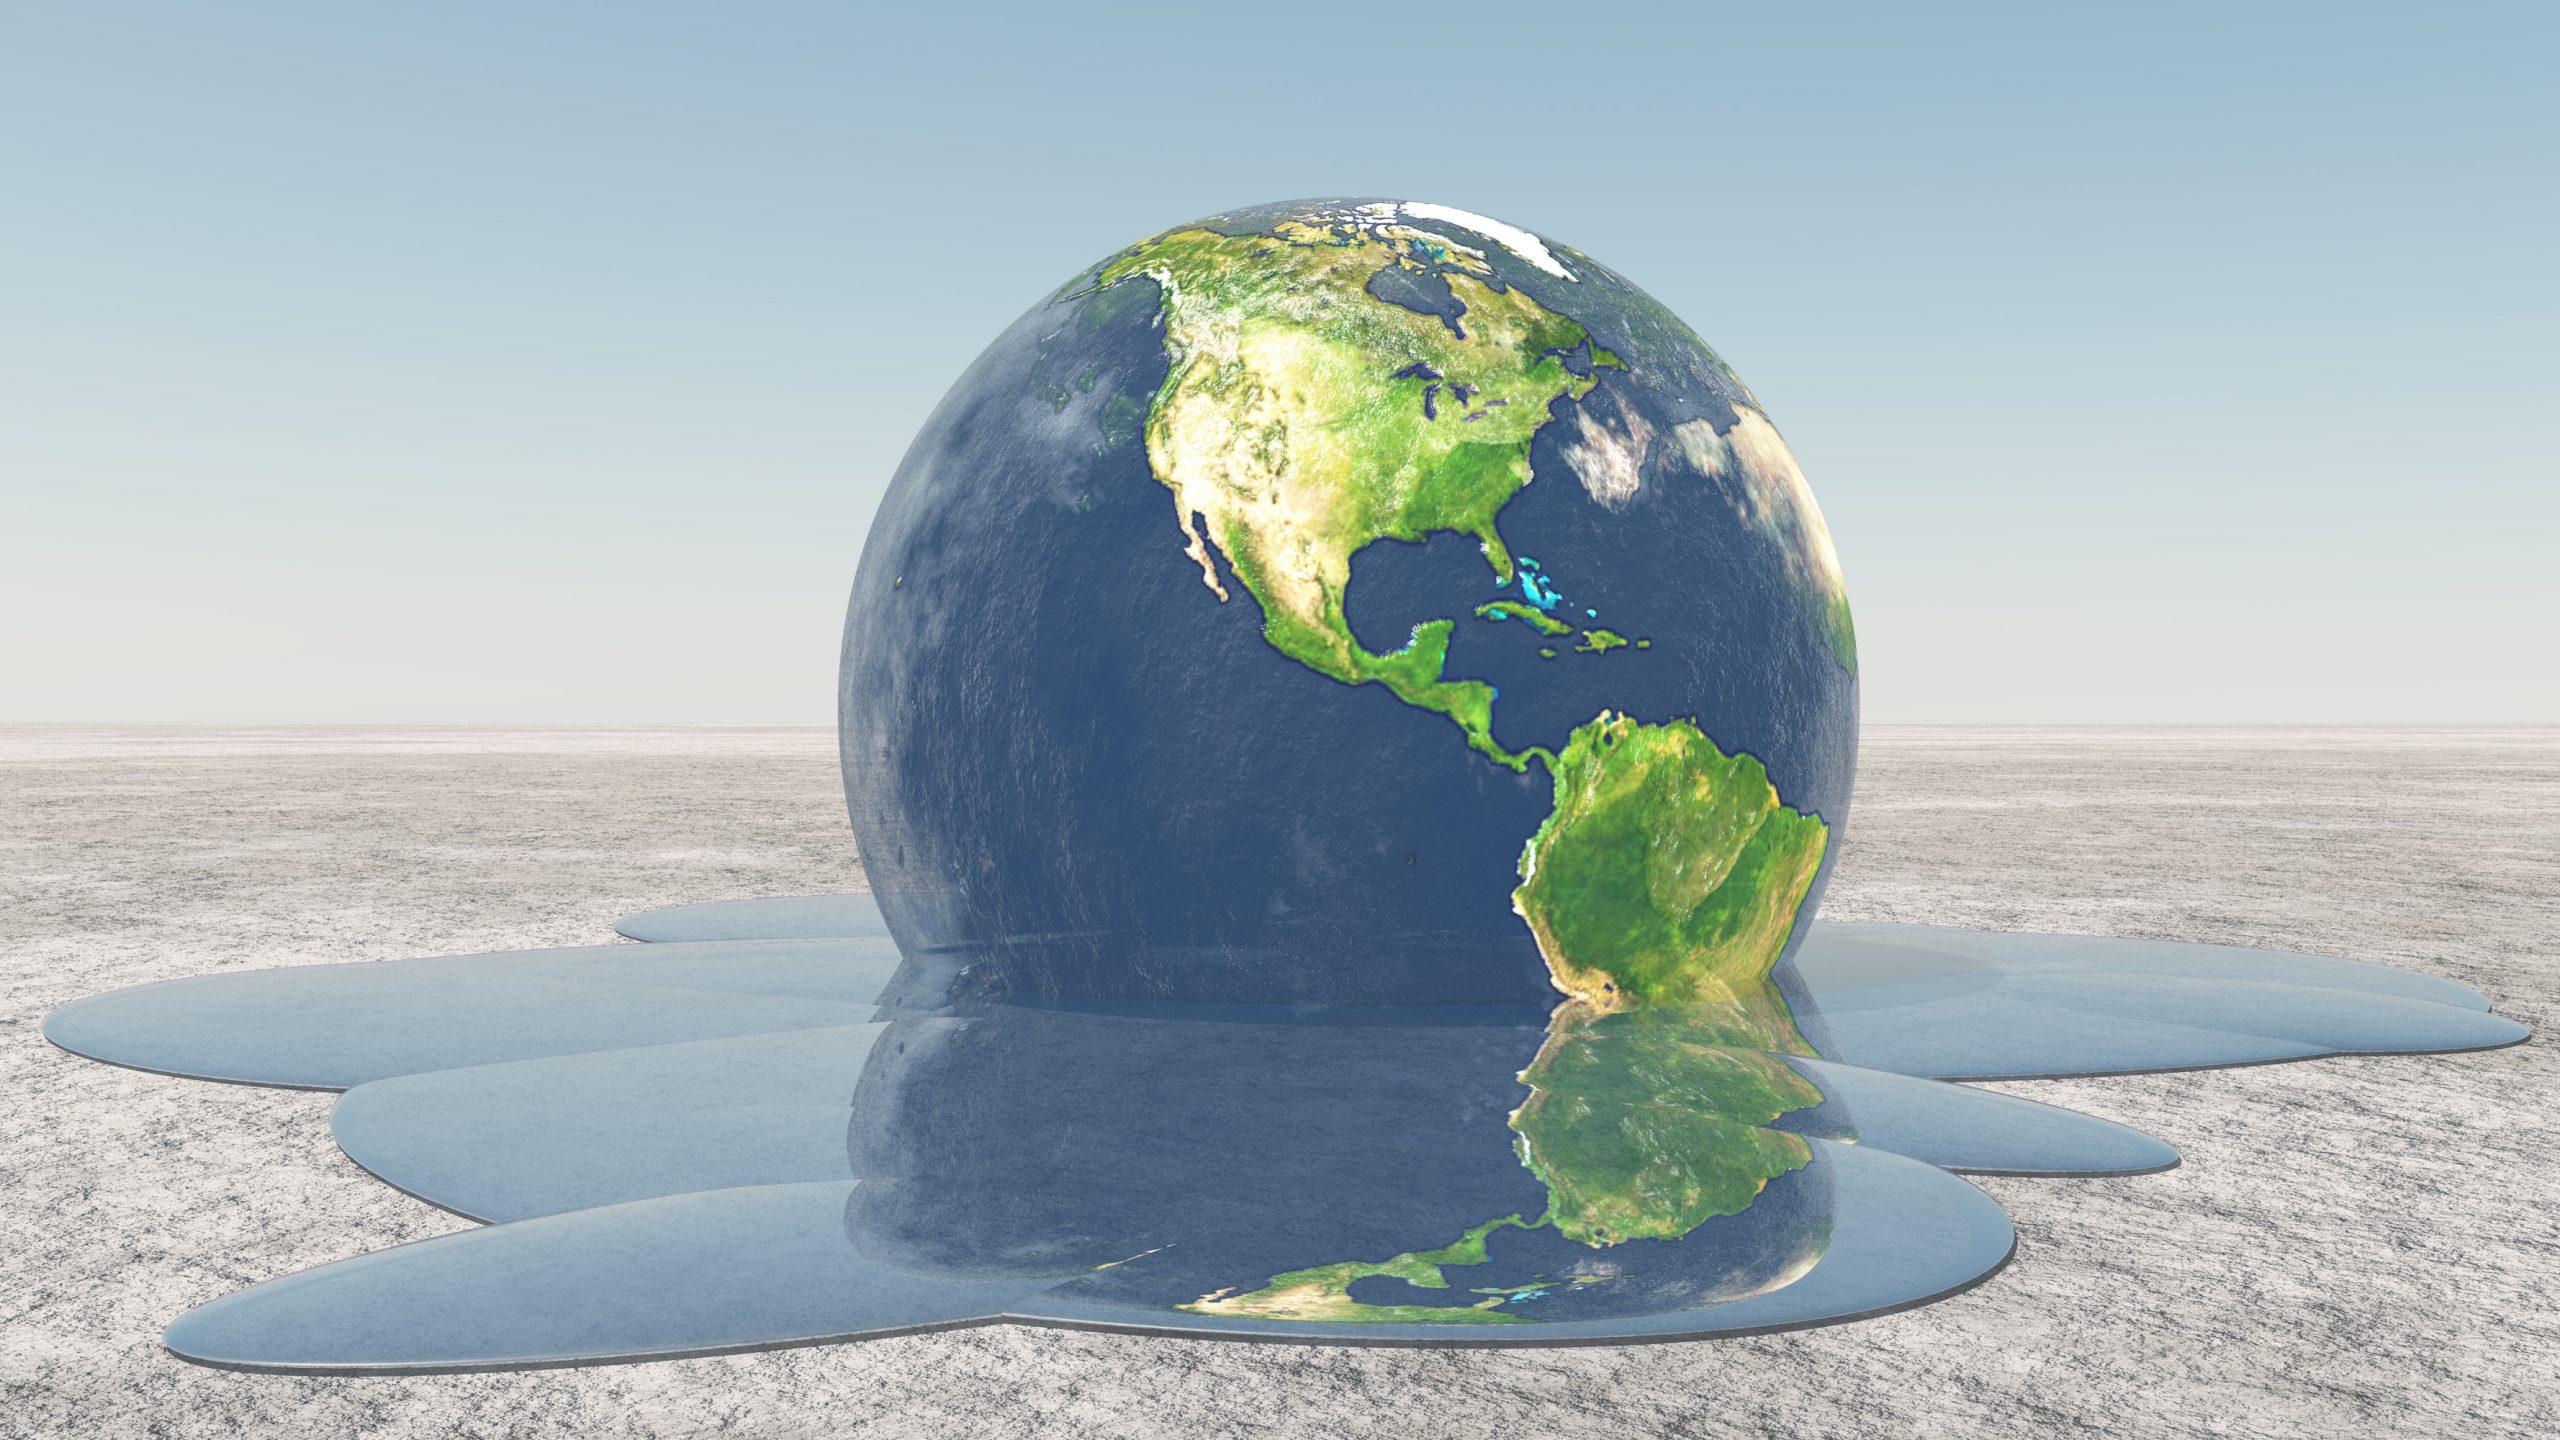 Greenpeace-Gründungsmitglied: Klimawandel ist nicht menschengemacht